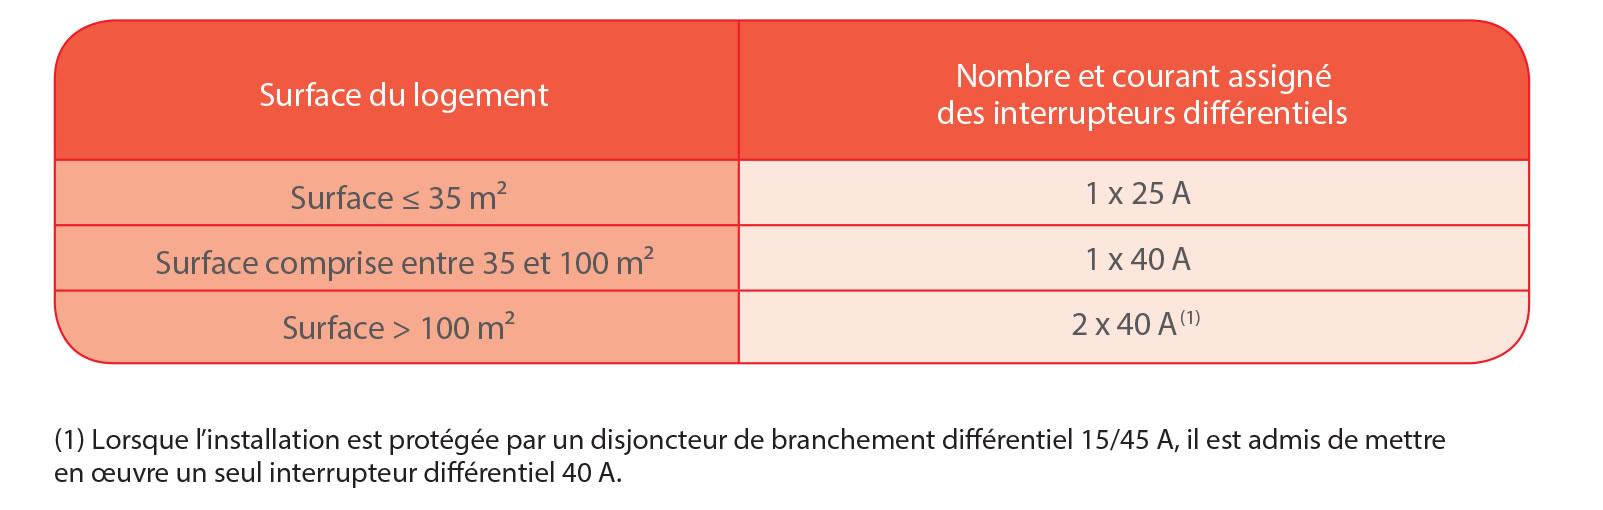 nombre et courant des interrupteurs différentiels